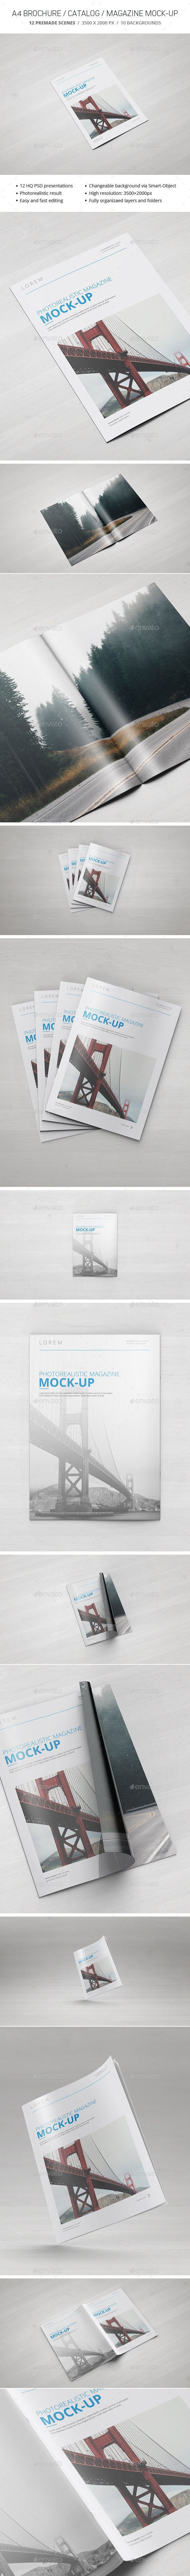 A4 Brochure / Catalogue / Magazine Mockup - Brochures Print